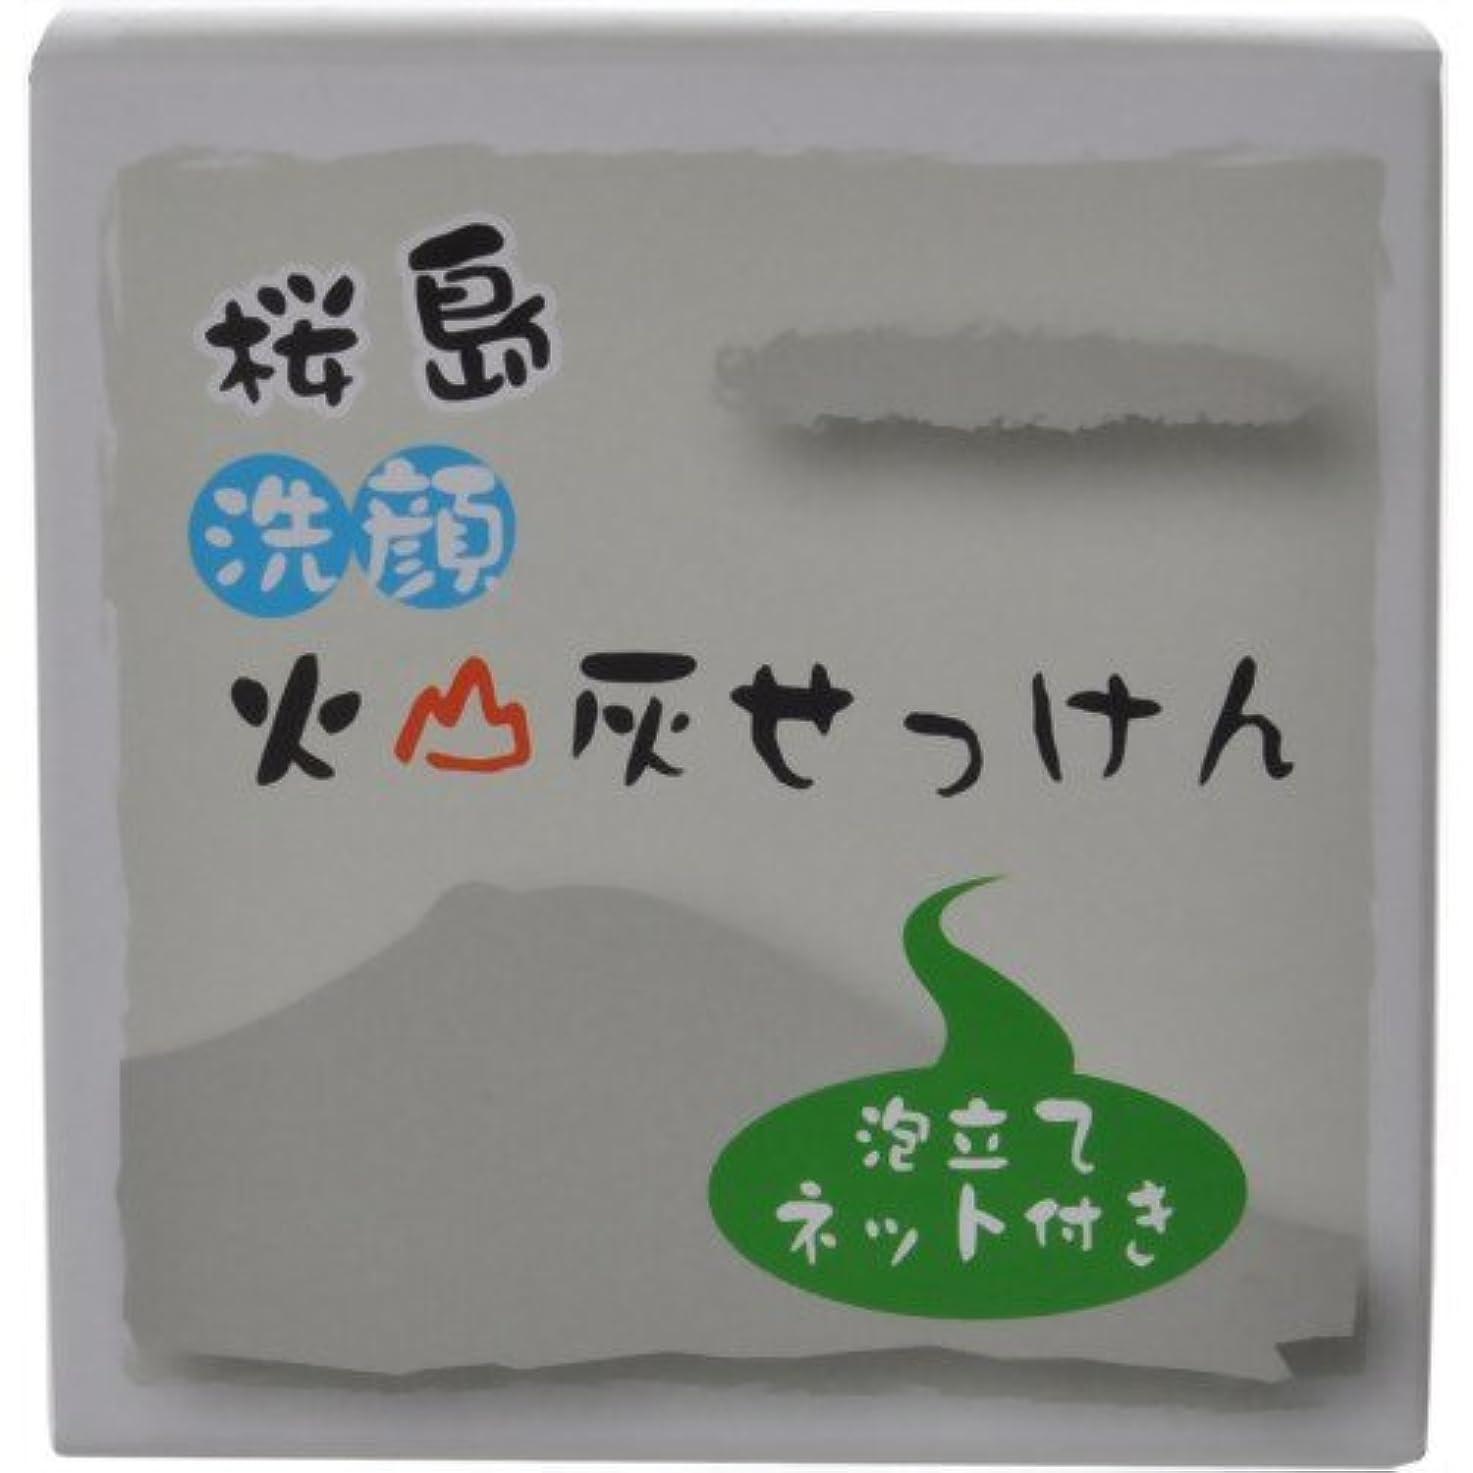 クラウンクリーク入場料桜島火山灰洗顔せっけん 80g